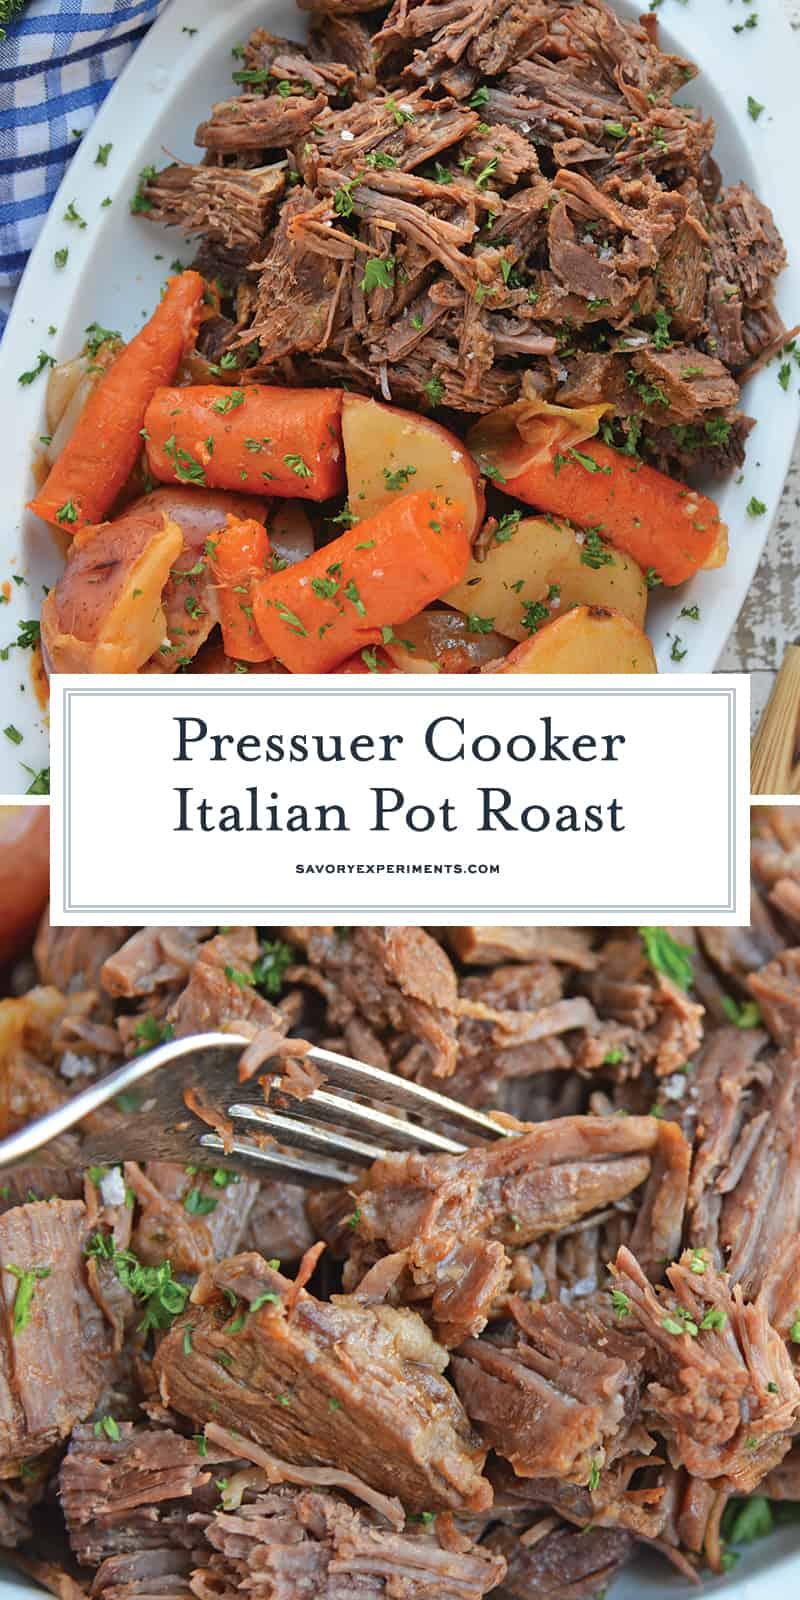 Italian Pot Roast for Pinterest